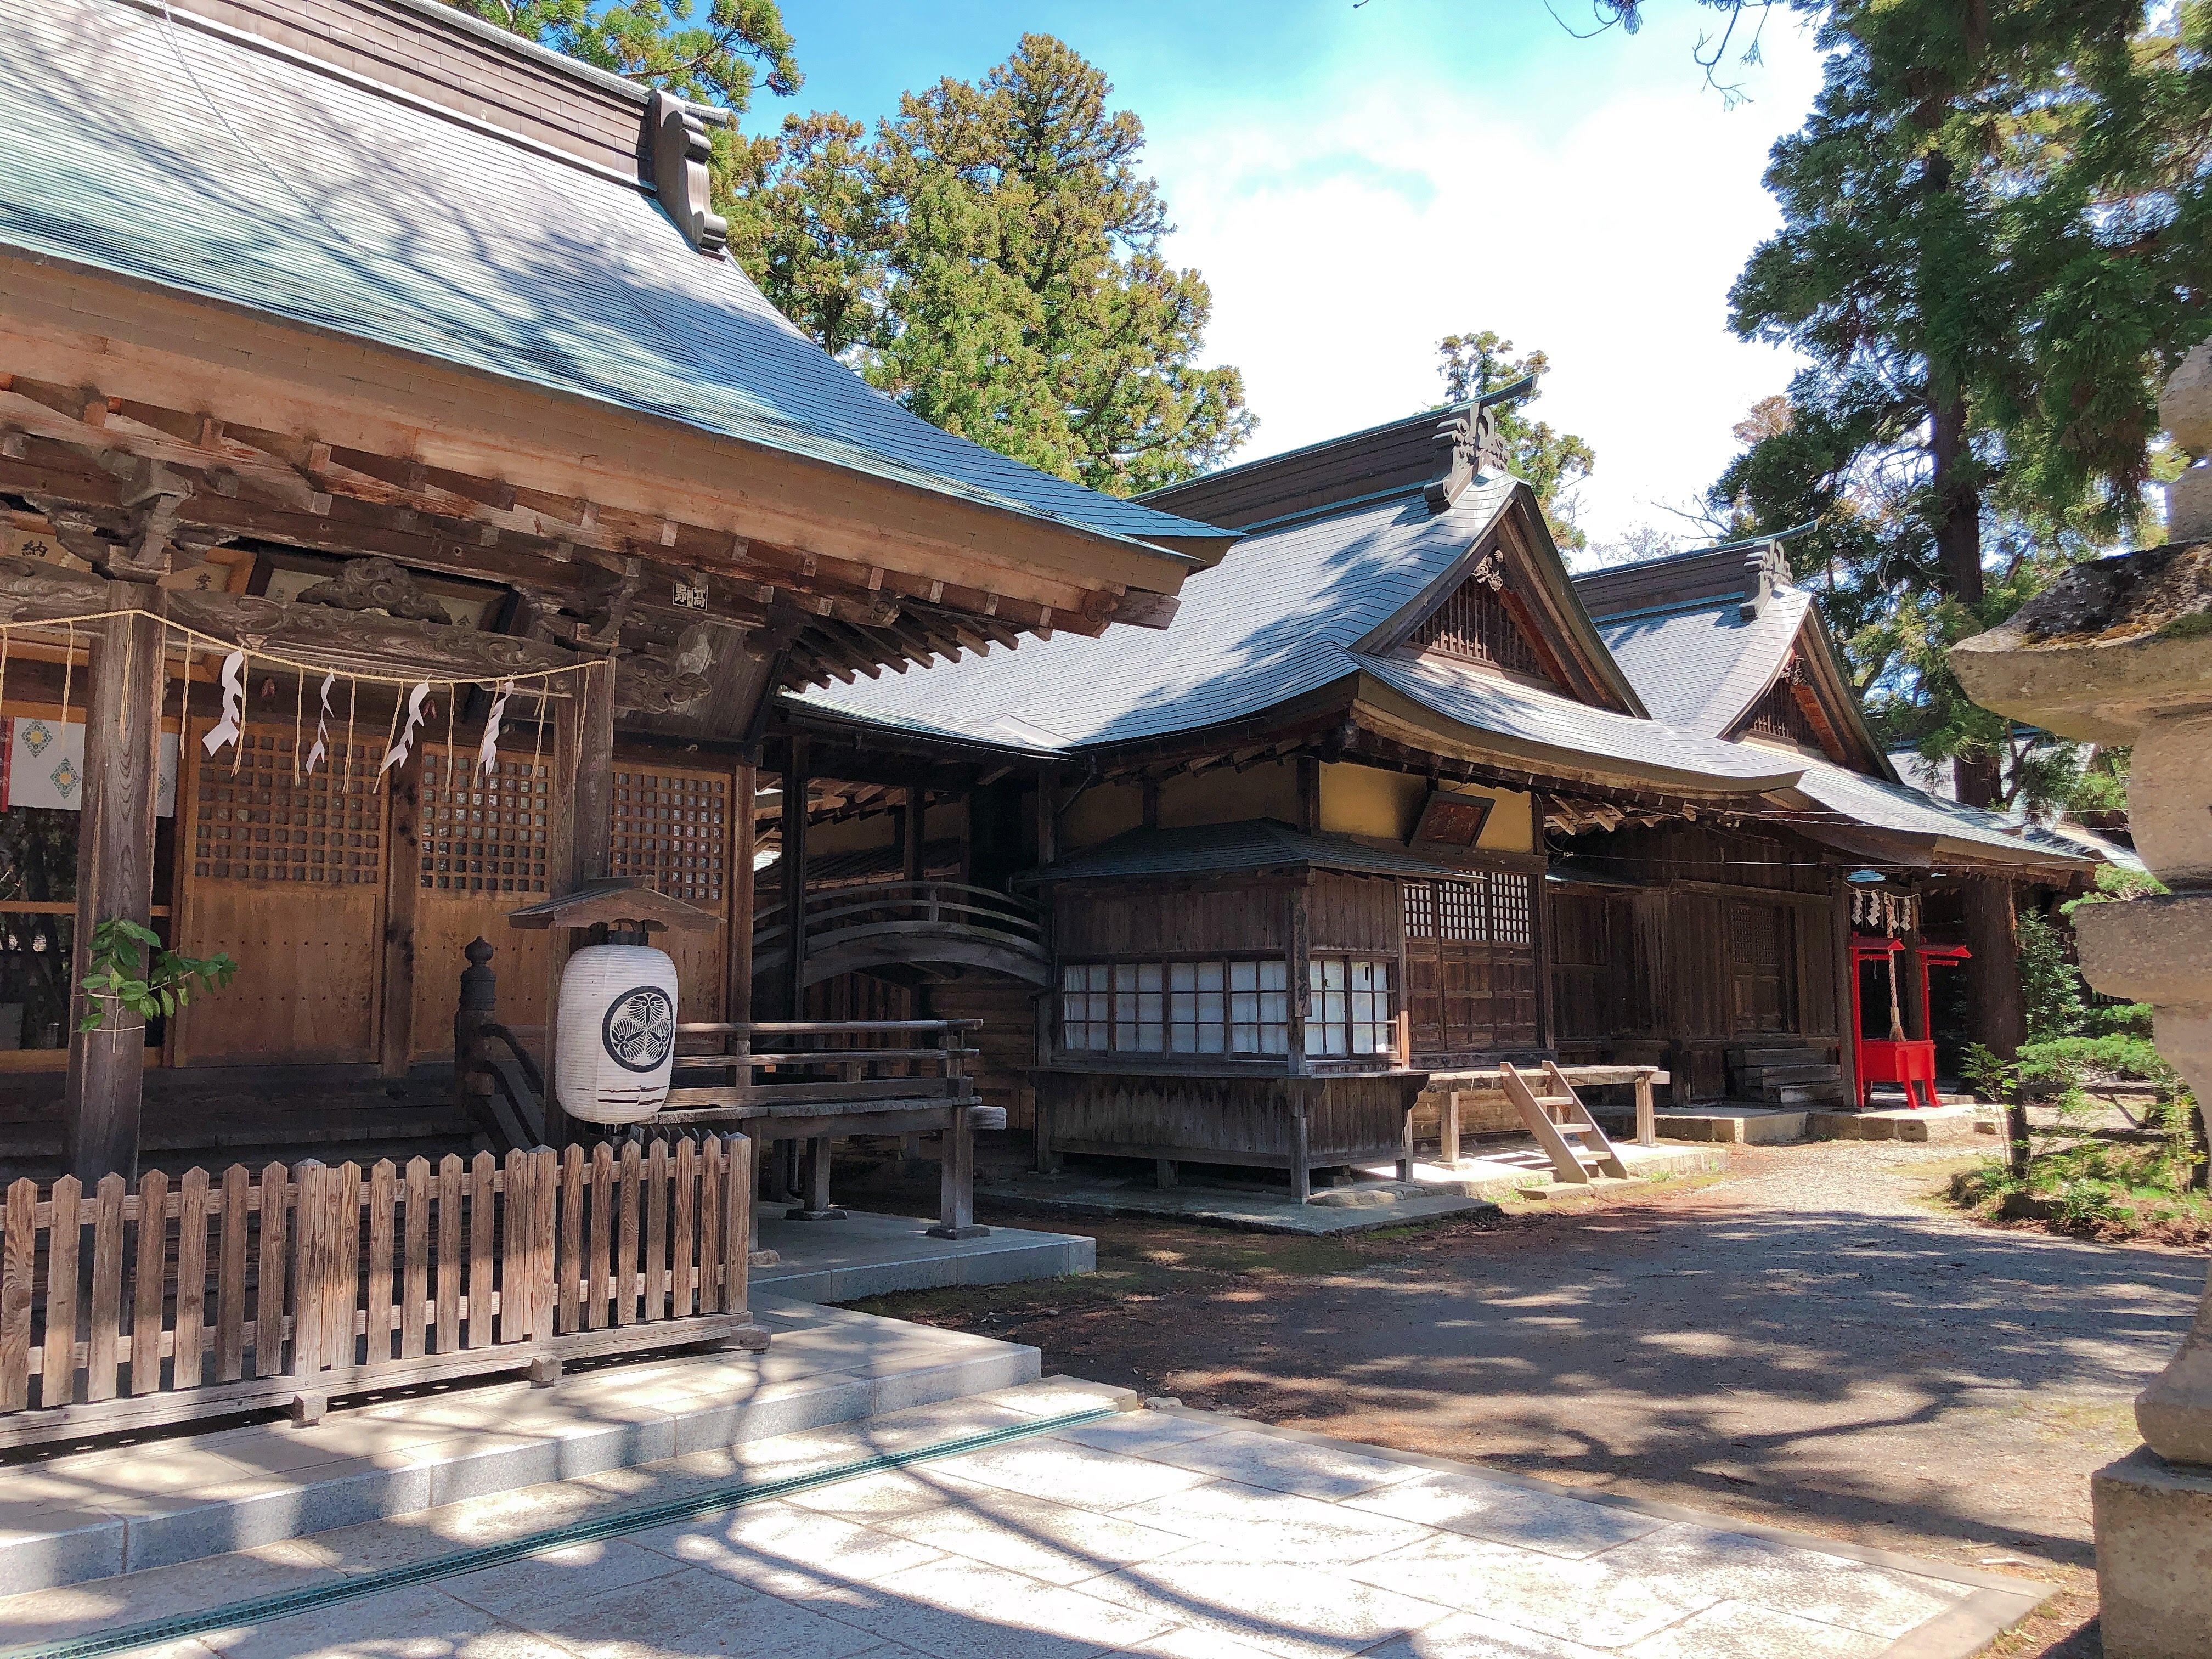 蚕養国神社の拝殿、神饌所